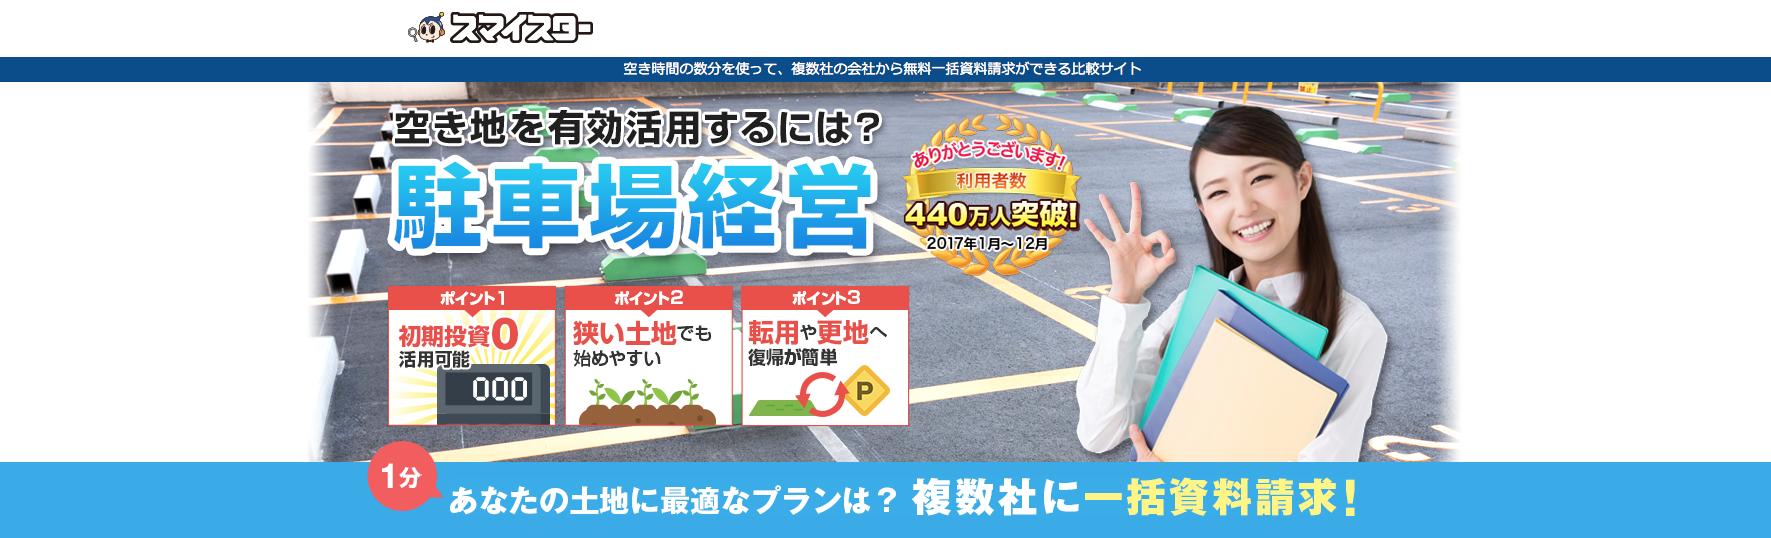 福岡の土地駐車場運営シミュレーションマイスター